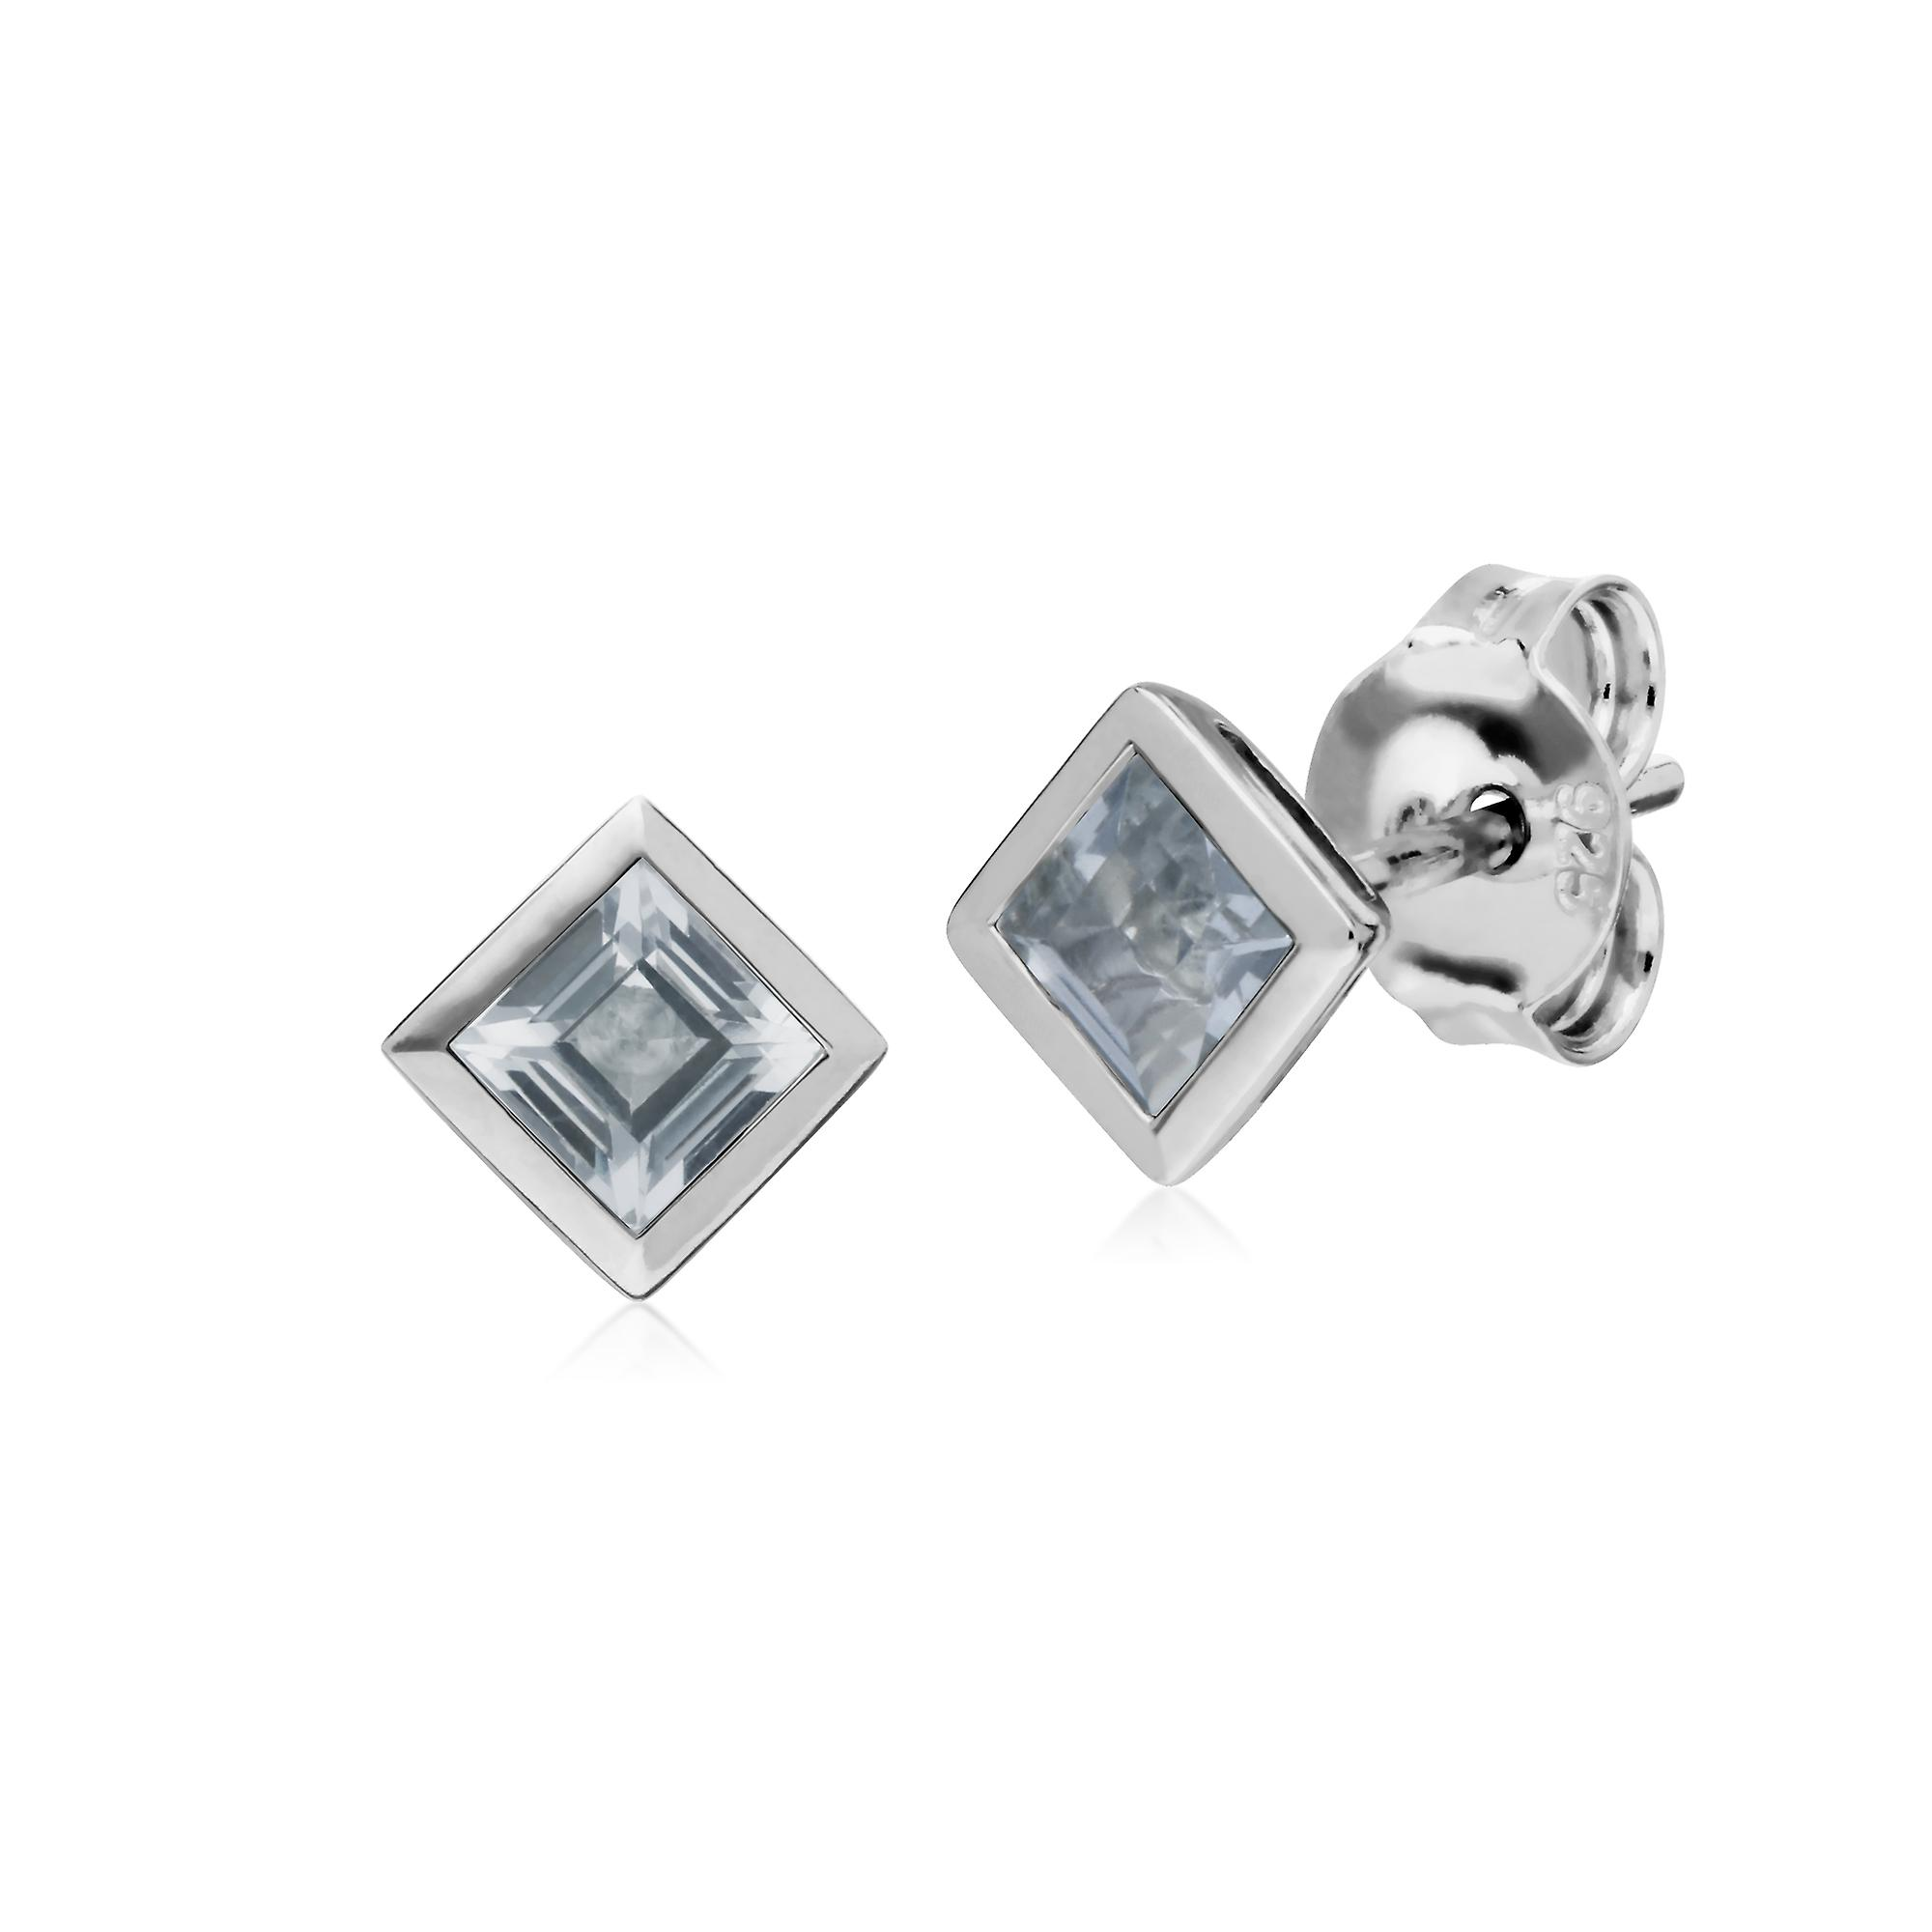 Gemondo Sterling Silver Simple Clear Topaz Bezel Square Stud Earrings